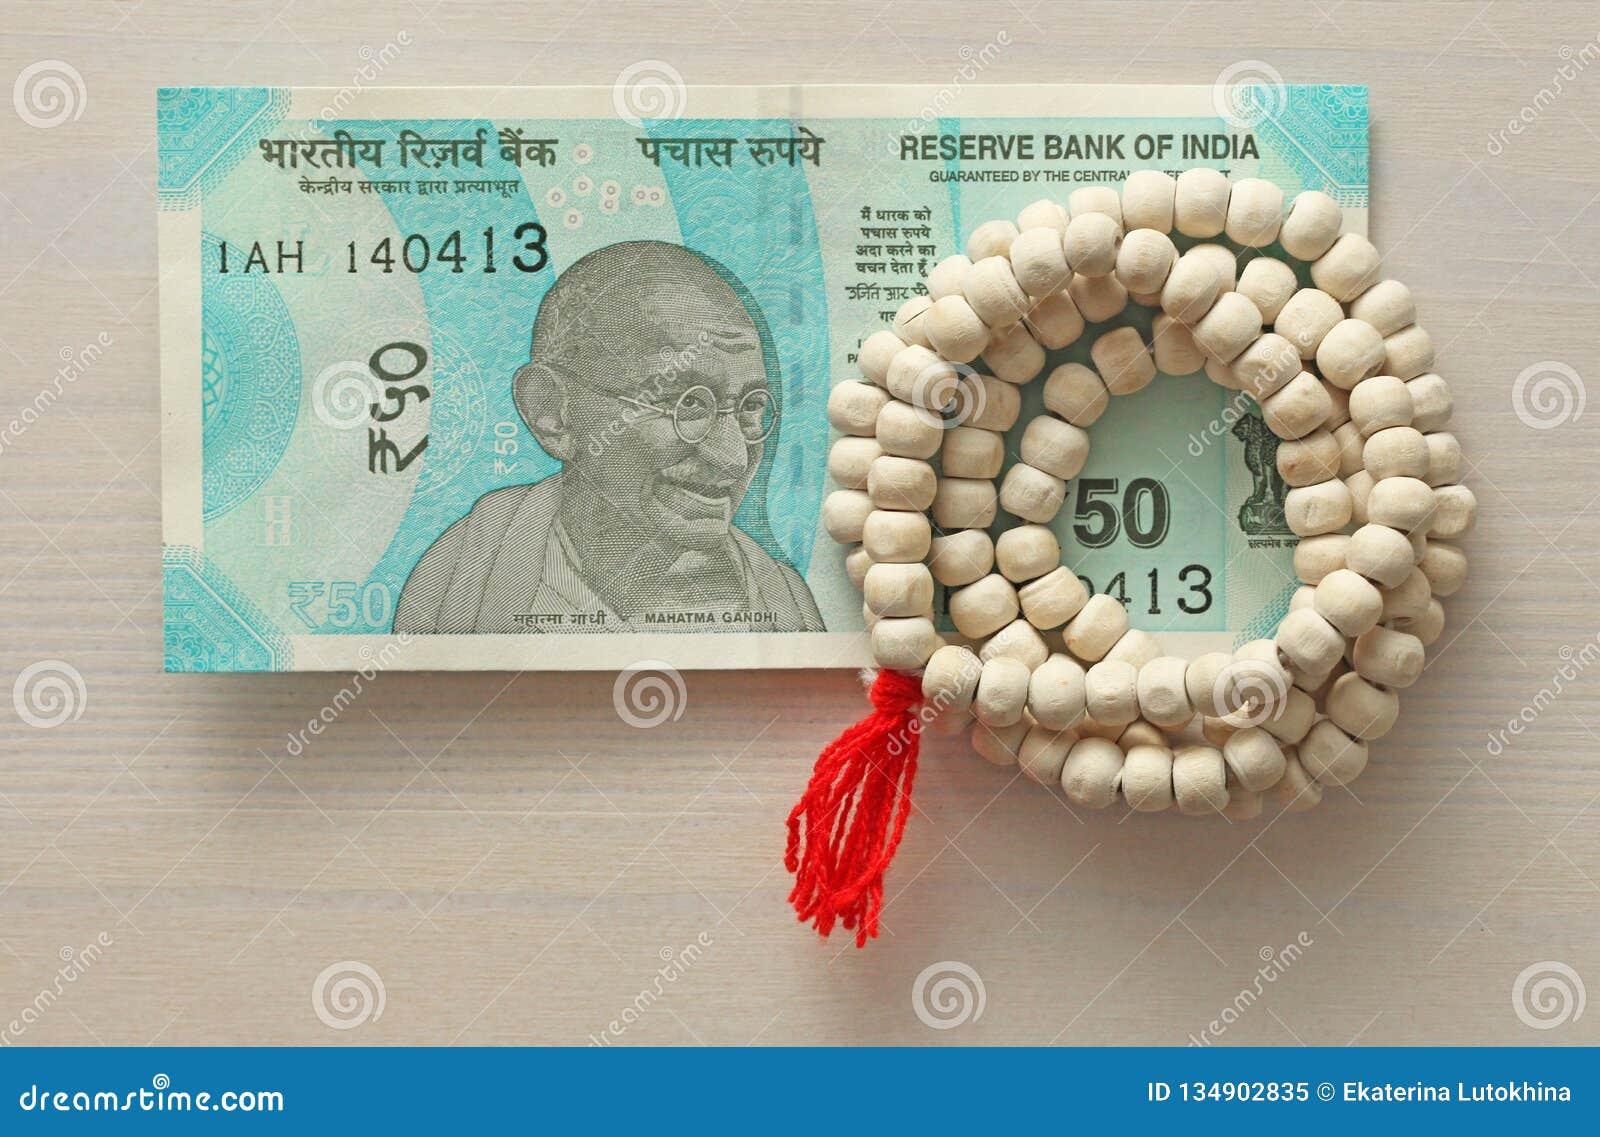 Una nuova banconota dell India con una denominazione di 50 rupie Valuta indiana Mahatma Gandhi e rosario, perle dell albero di Tu